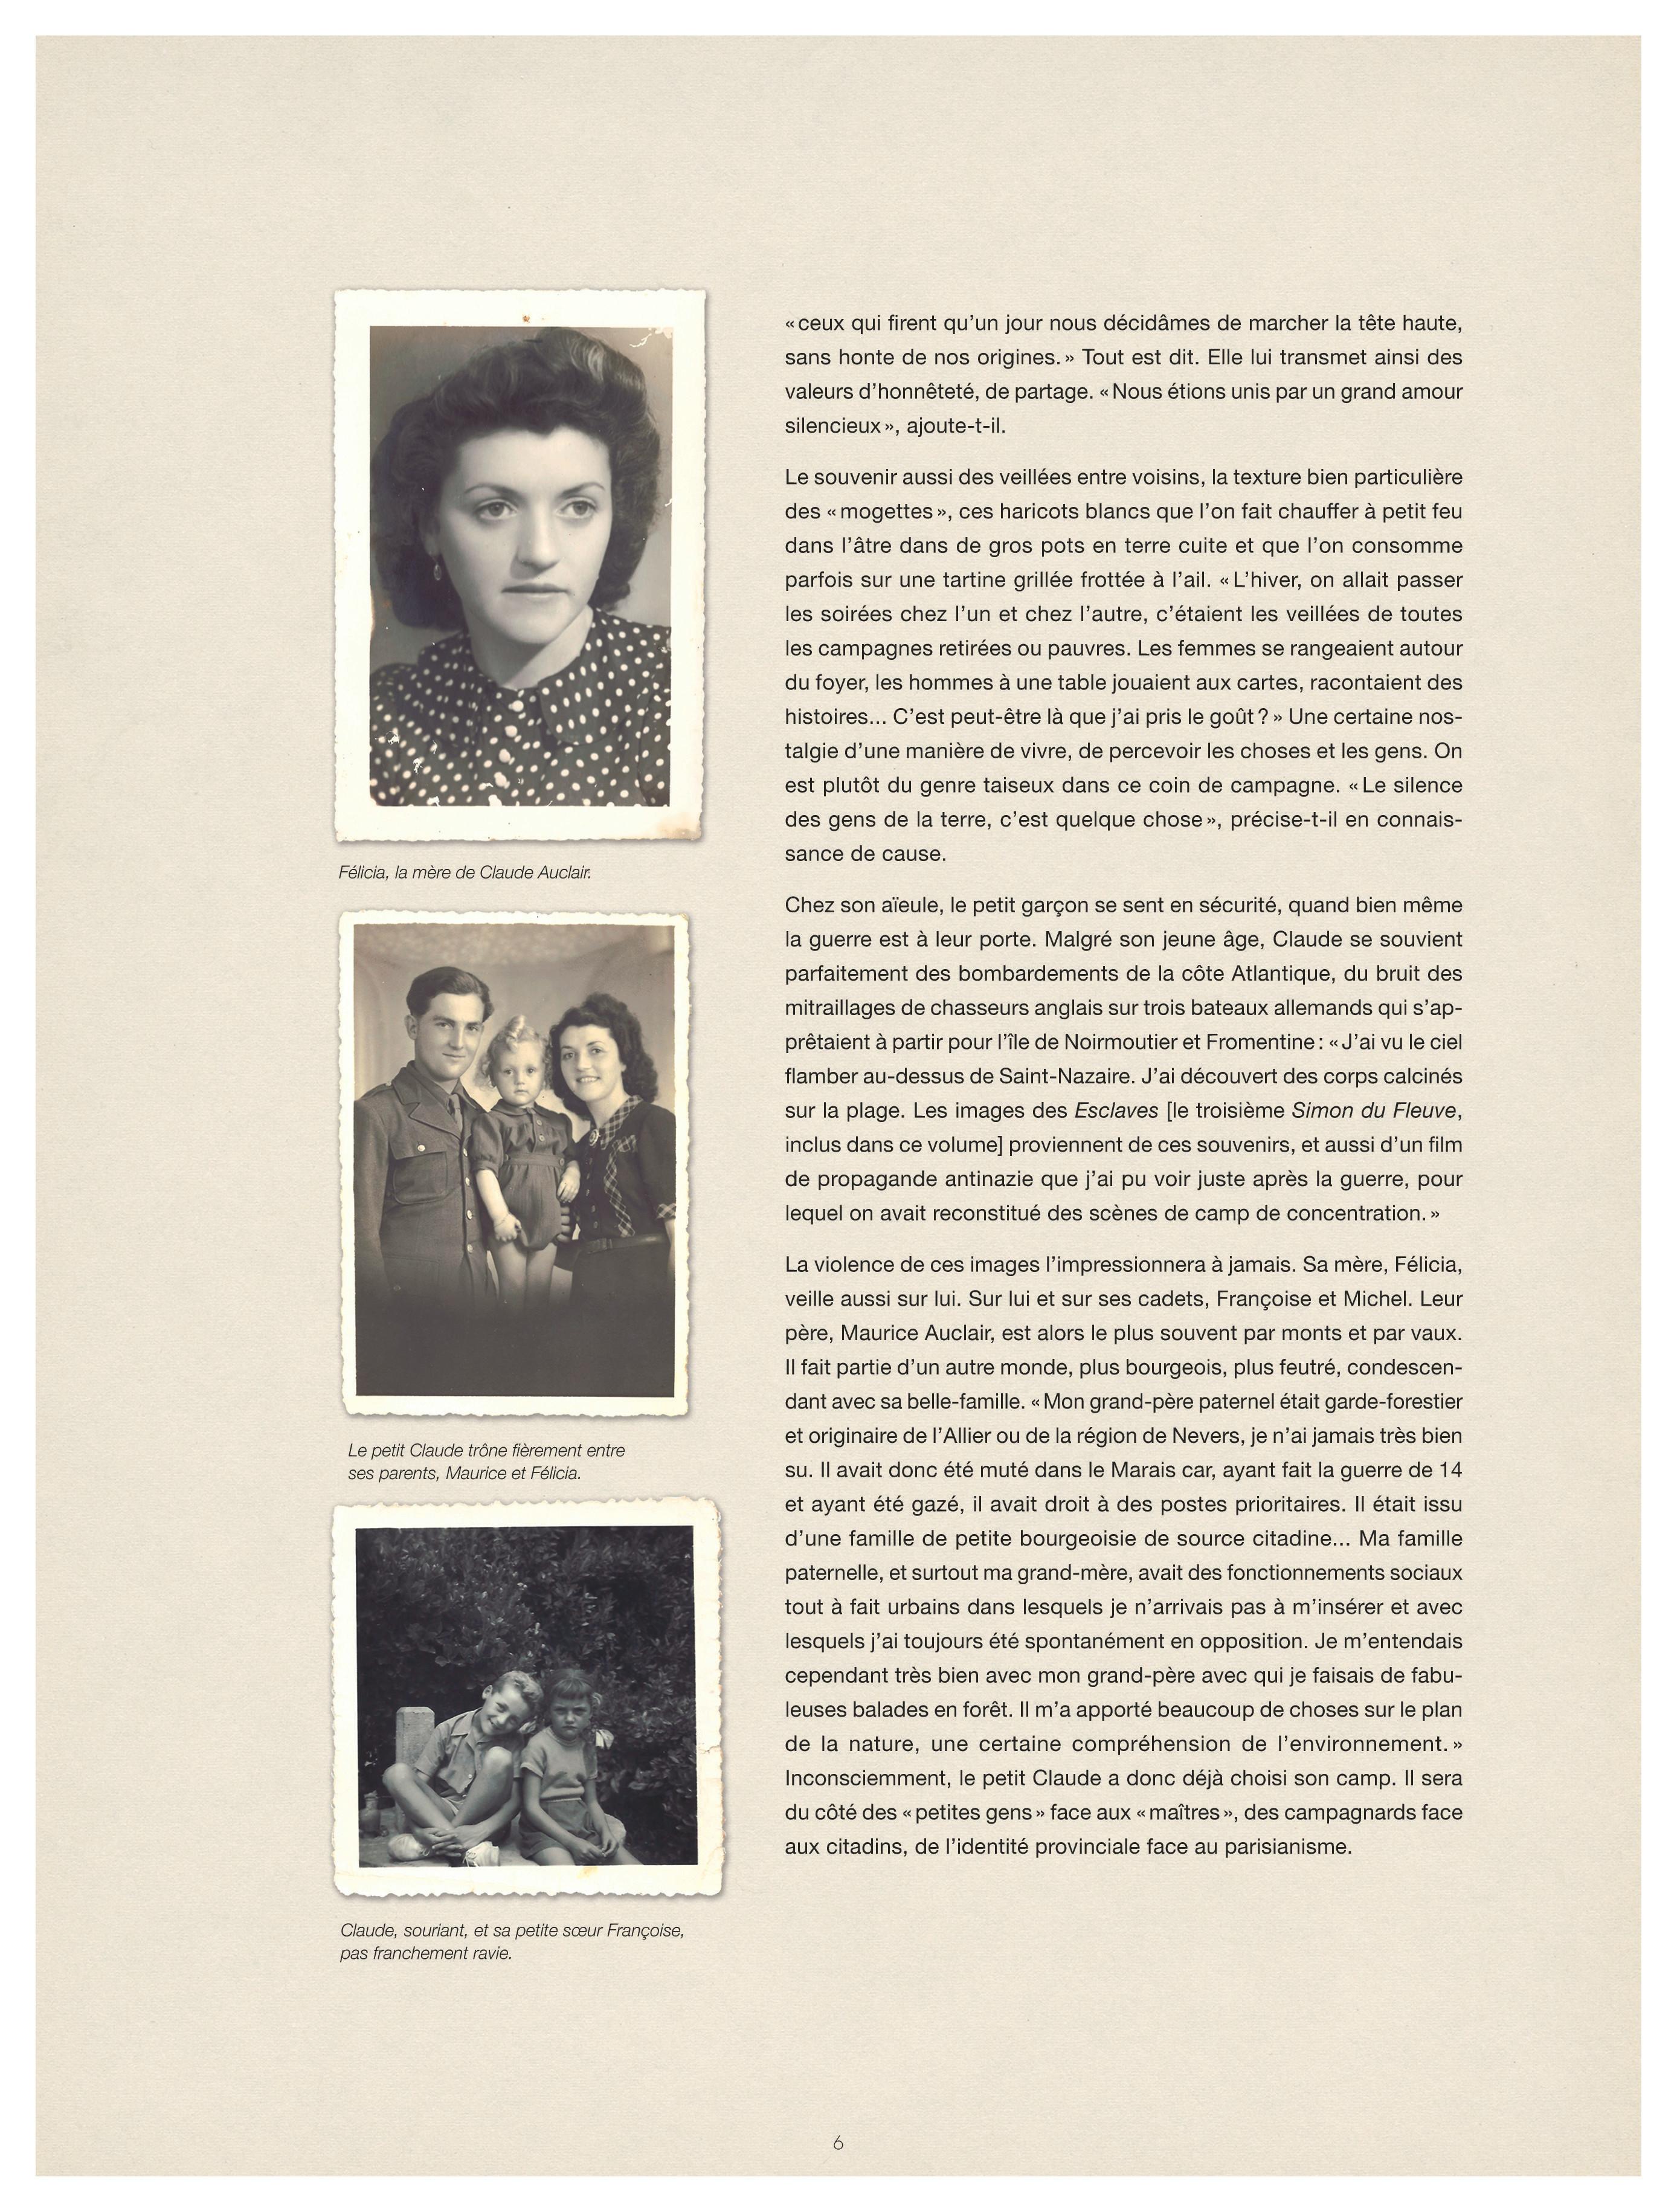 Simon_du_Fleuve_l_int#1_Page 6